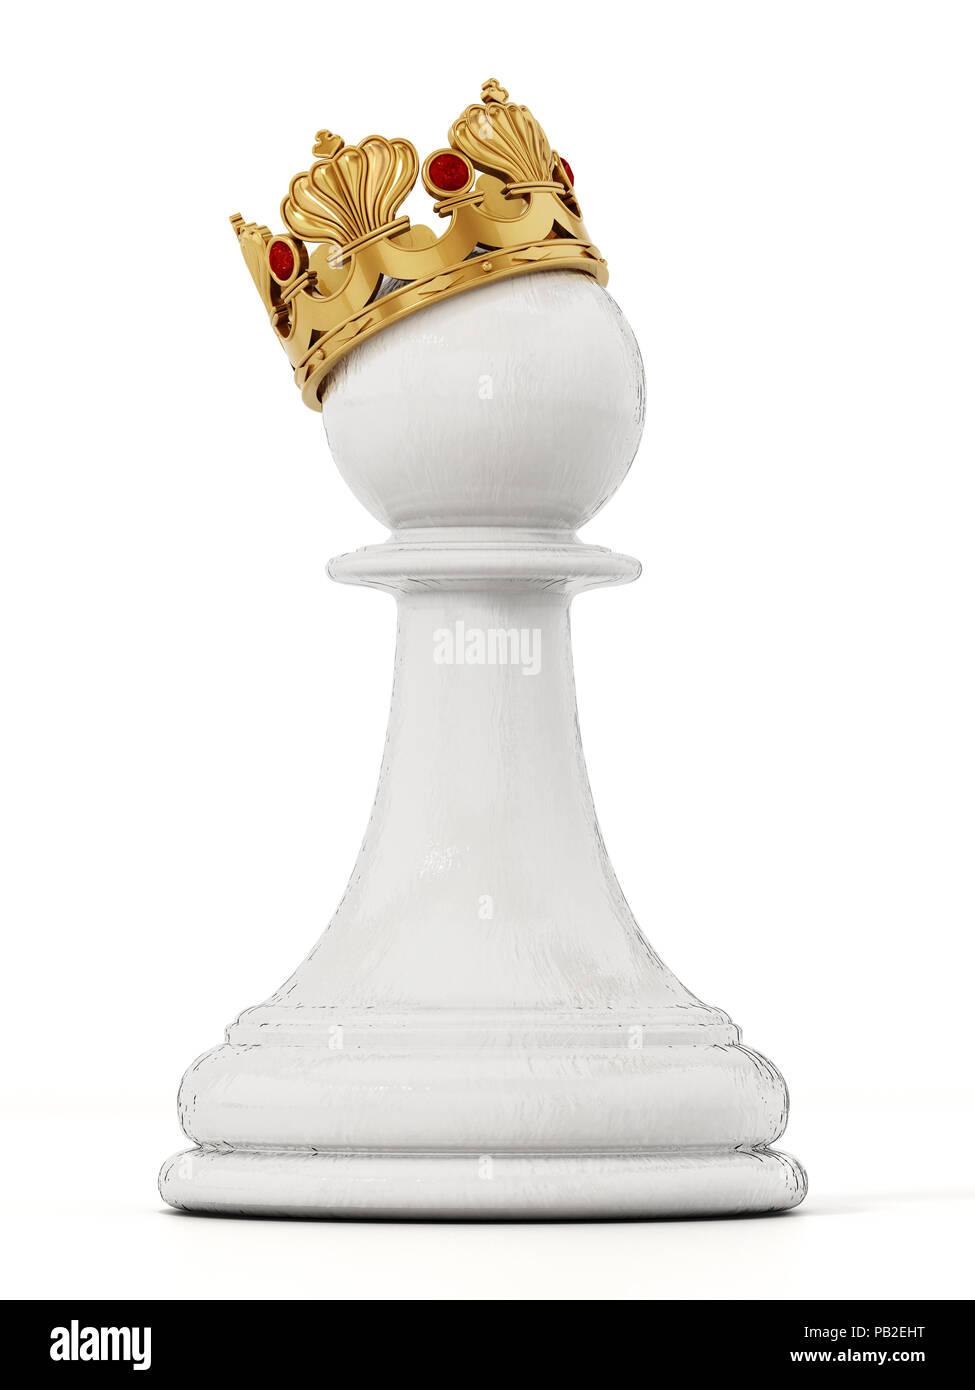 Weiß schach Bauer mit goldener Krone. 3D-Darstellung. Stockbild